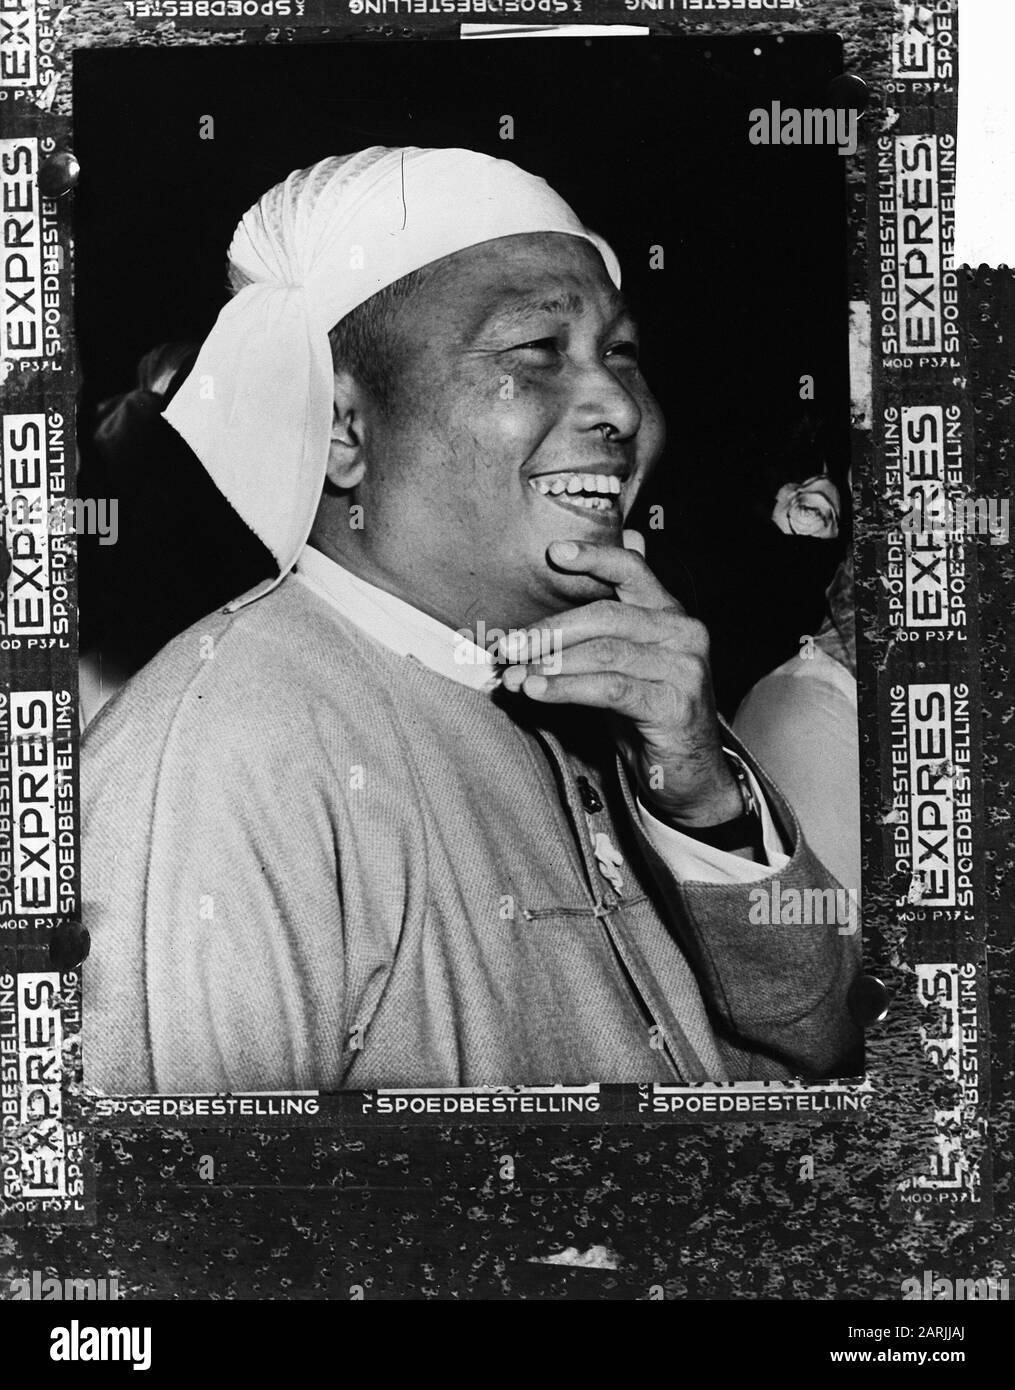 Colpo di stato in Birmania, Premier U ora Data: 2 marzo 1962 posizione: Birmania Parole Chiave: Premiers Foto Stock